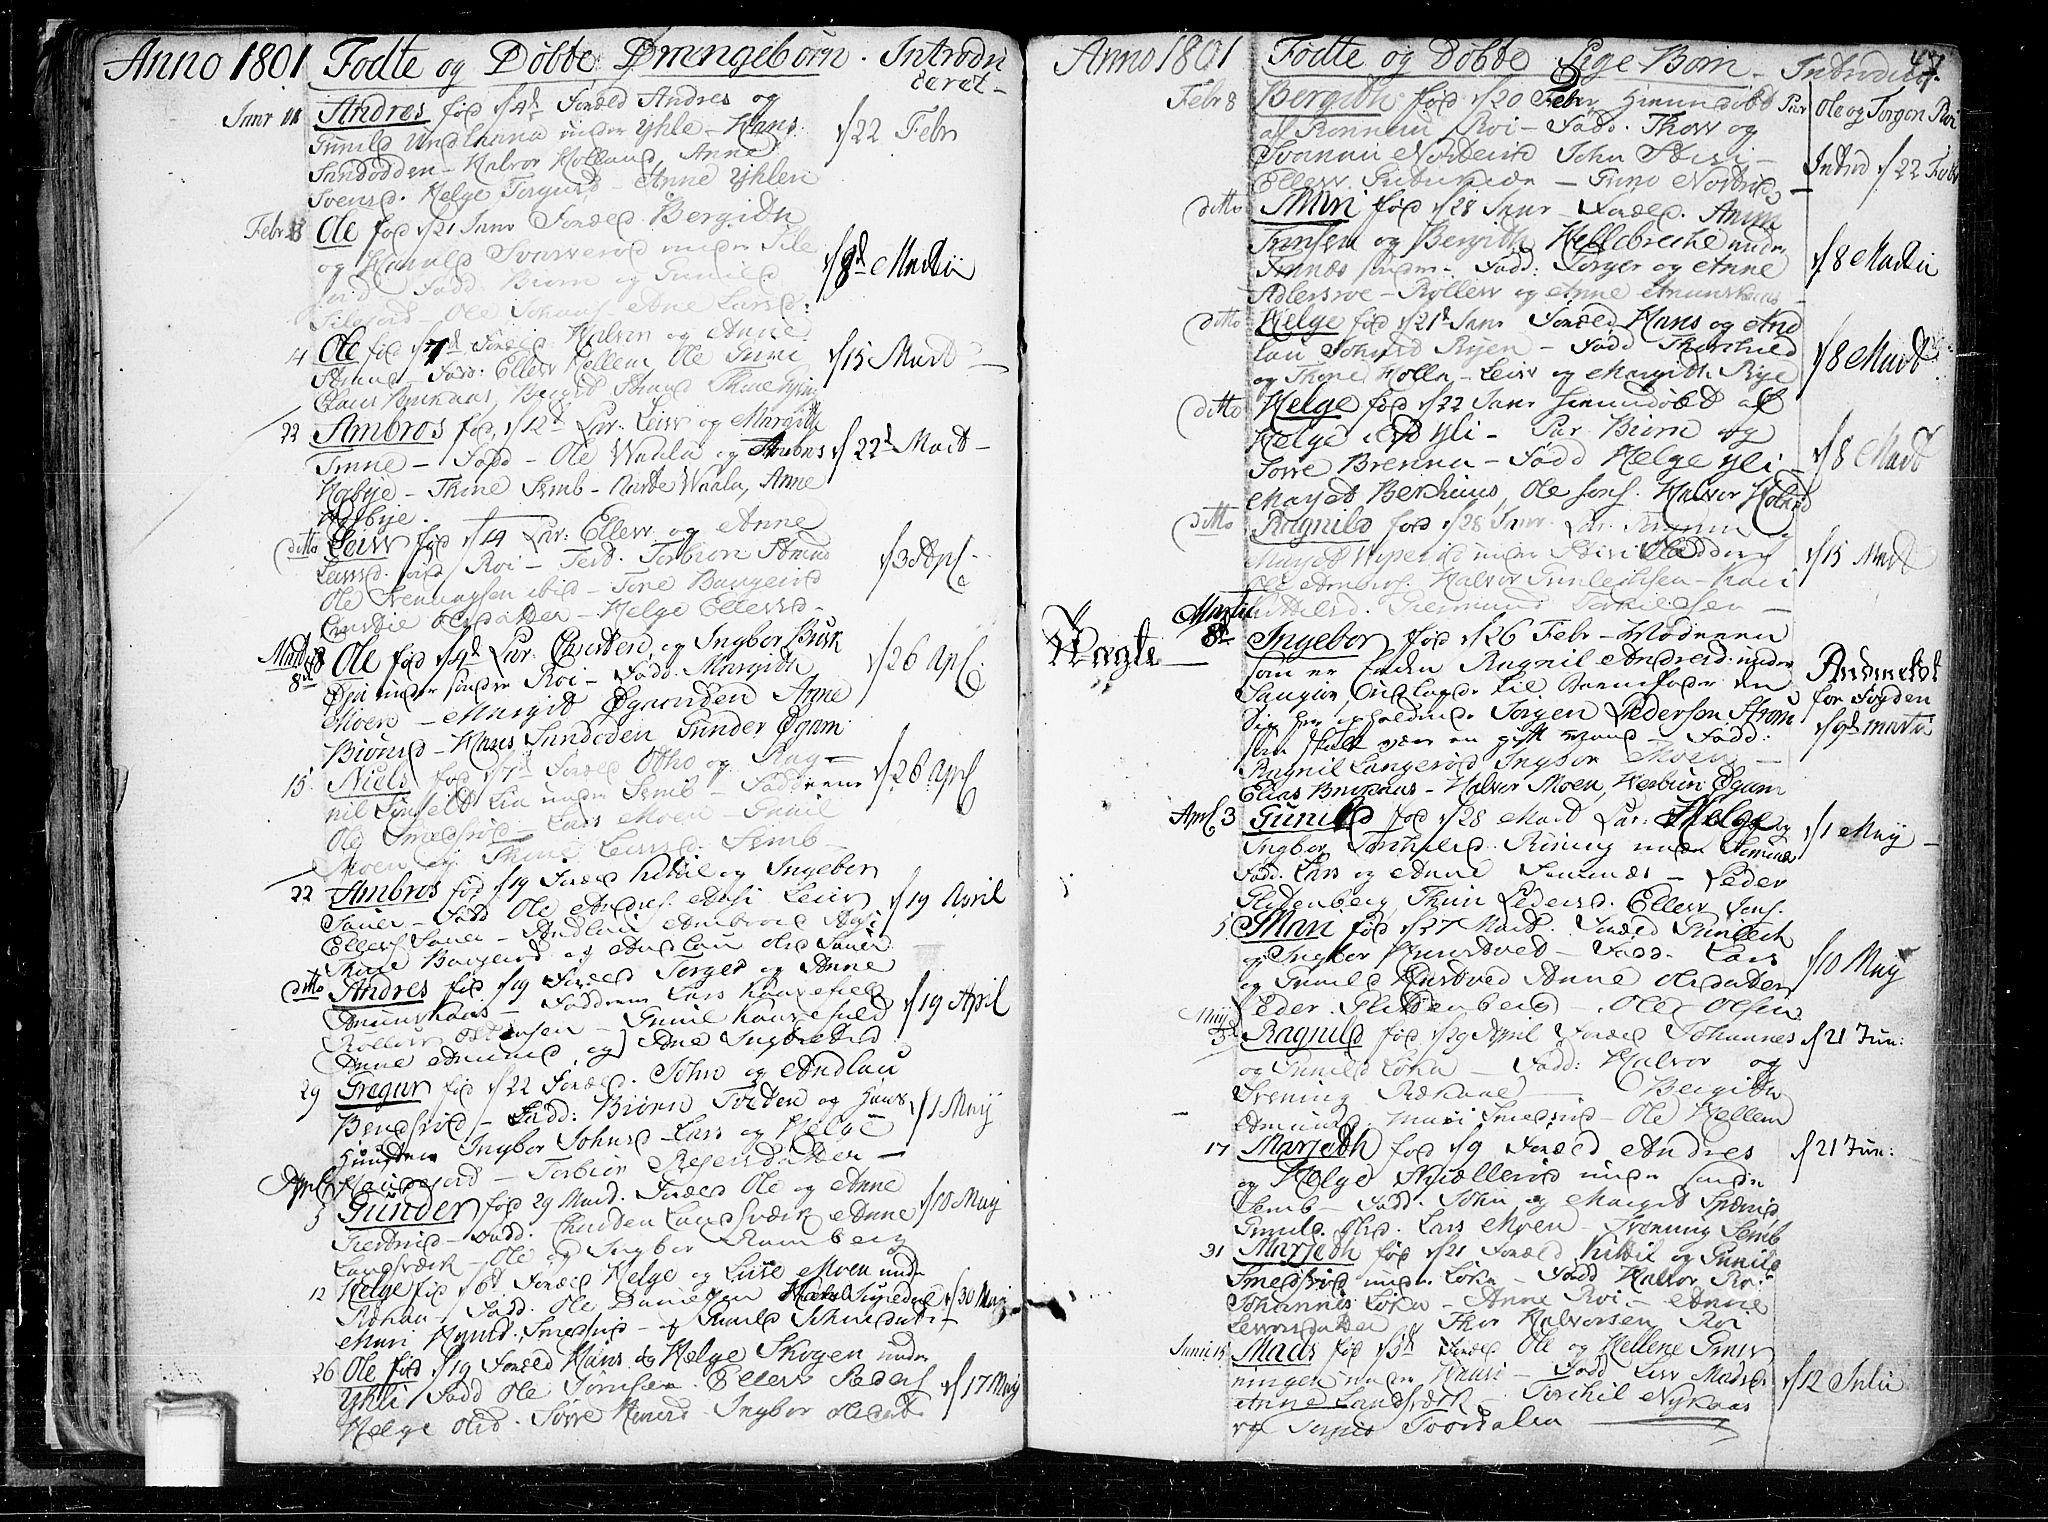 SAKO, Heddal kirkebøker, F/Fa/L0004: Ministerialbok nr. I 4, 1784-1814, s. 47